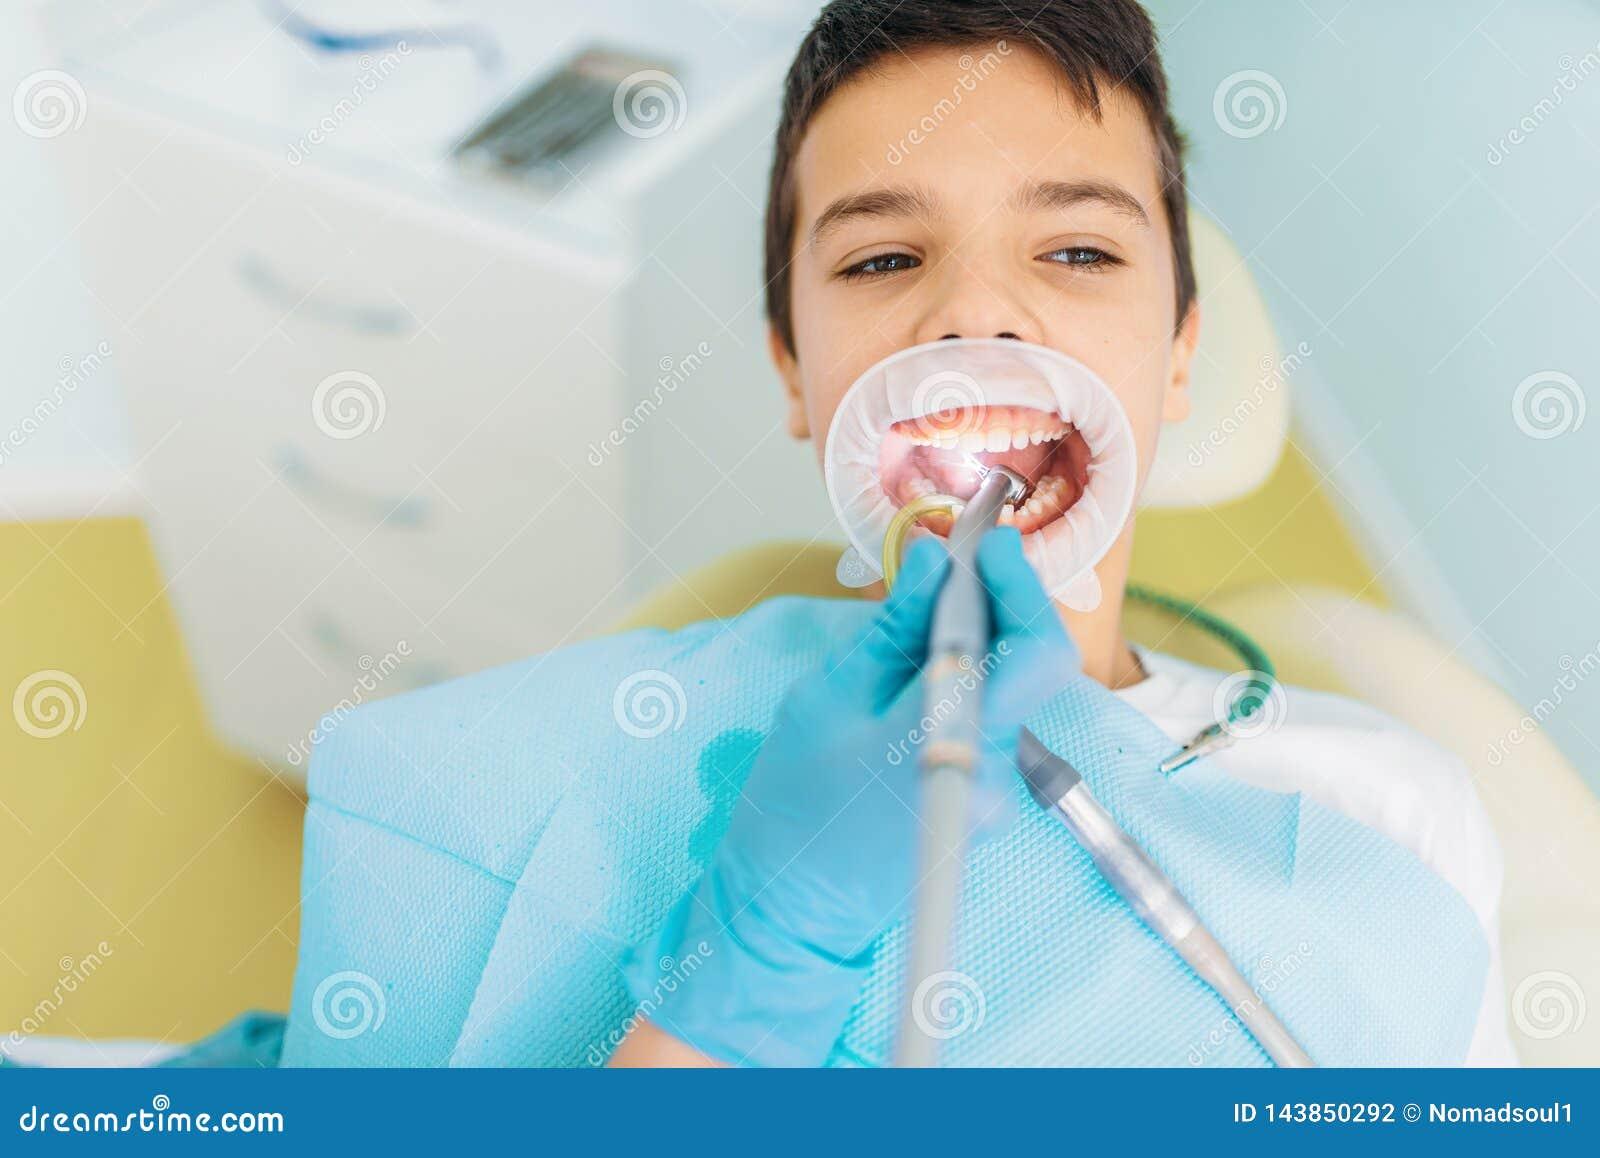 Kariesborttagningstillvägagångssätt, pediatrisk tandläkekonst